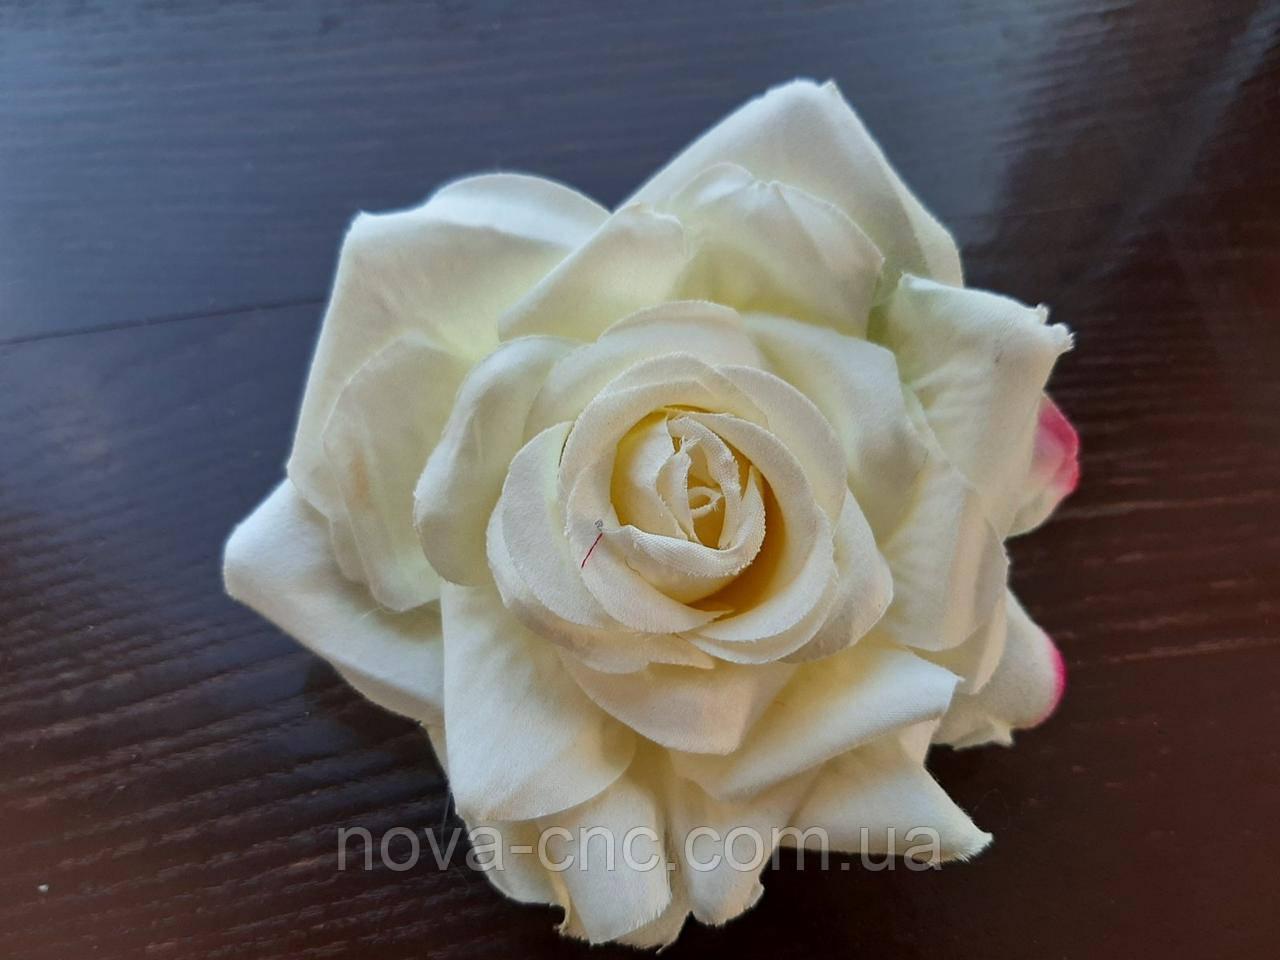 Роза відкрита, тканинна біло-рожева 12 см 15 шт в упаковці